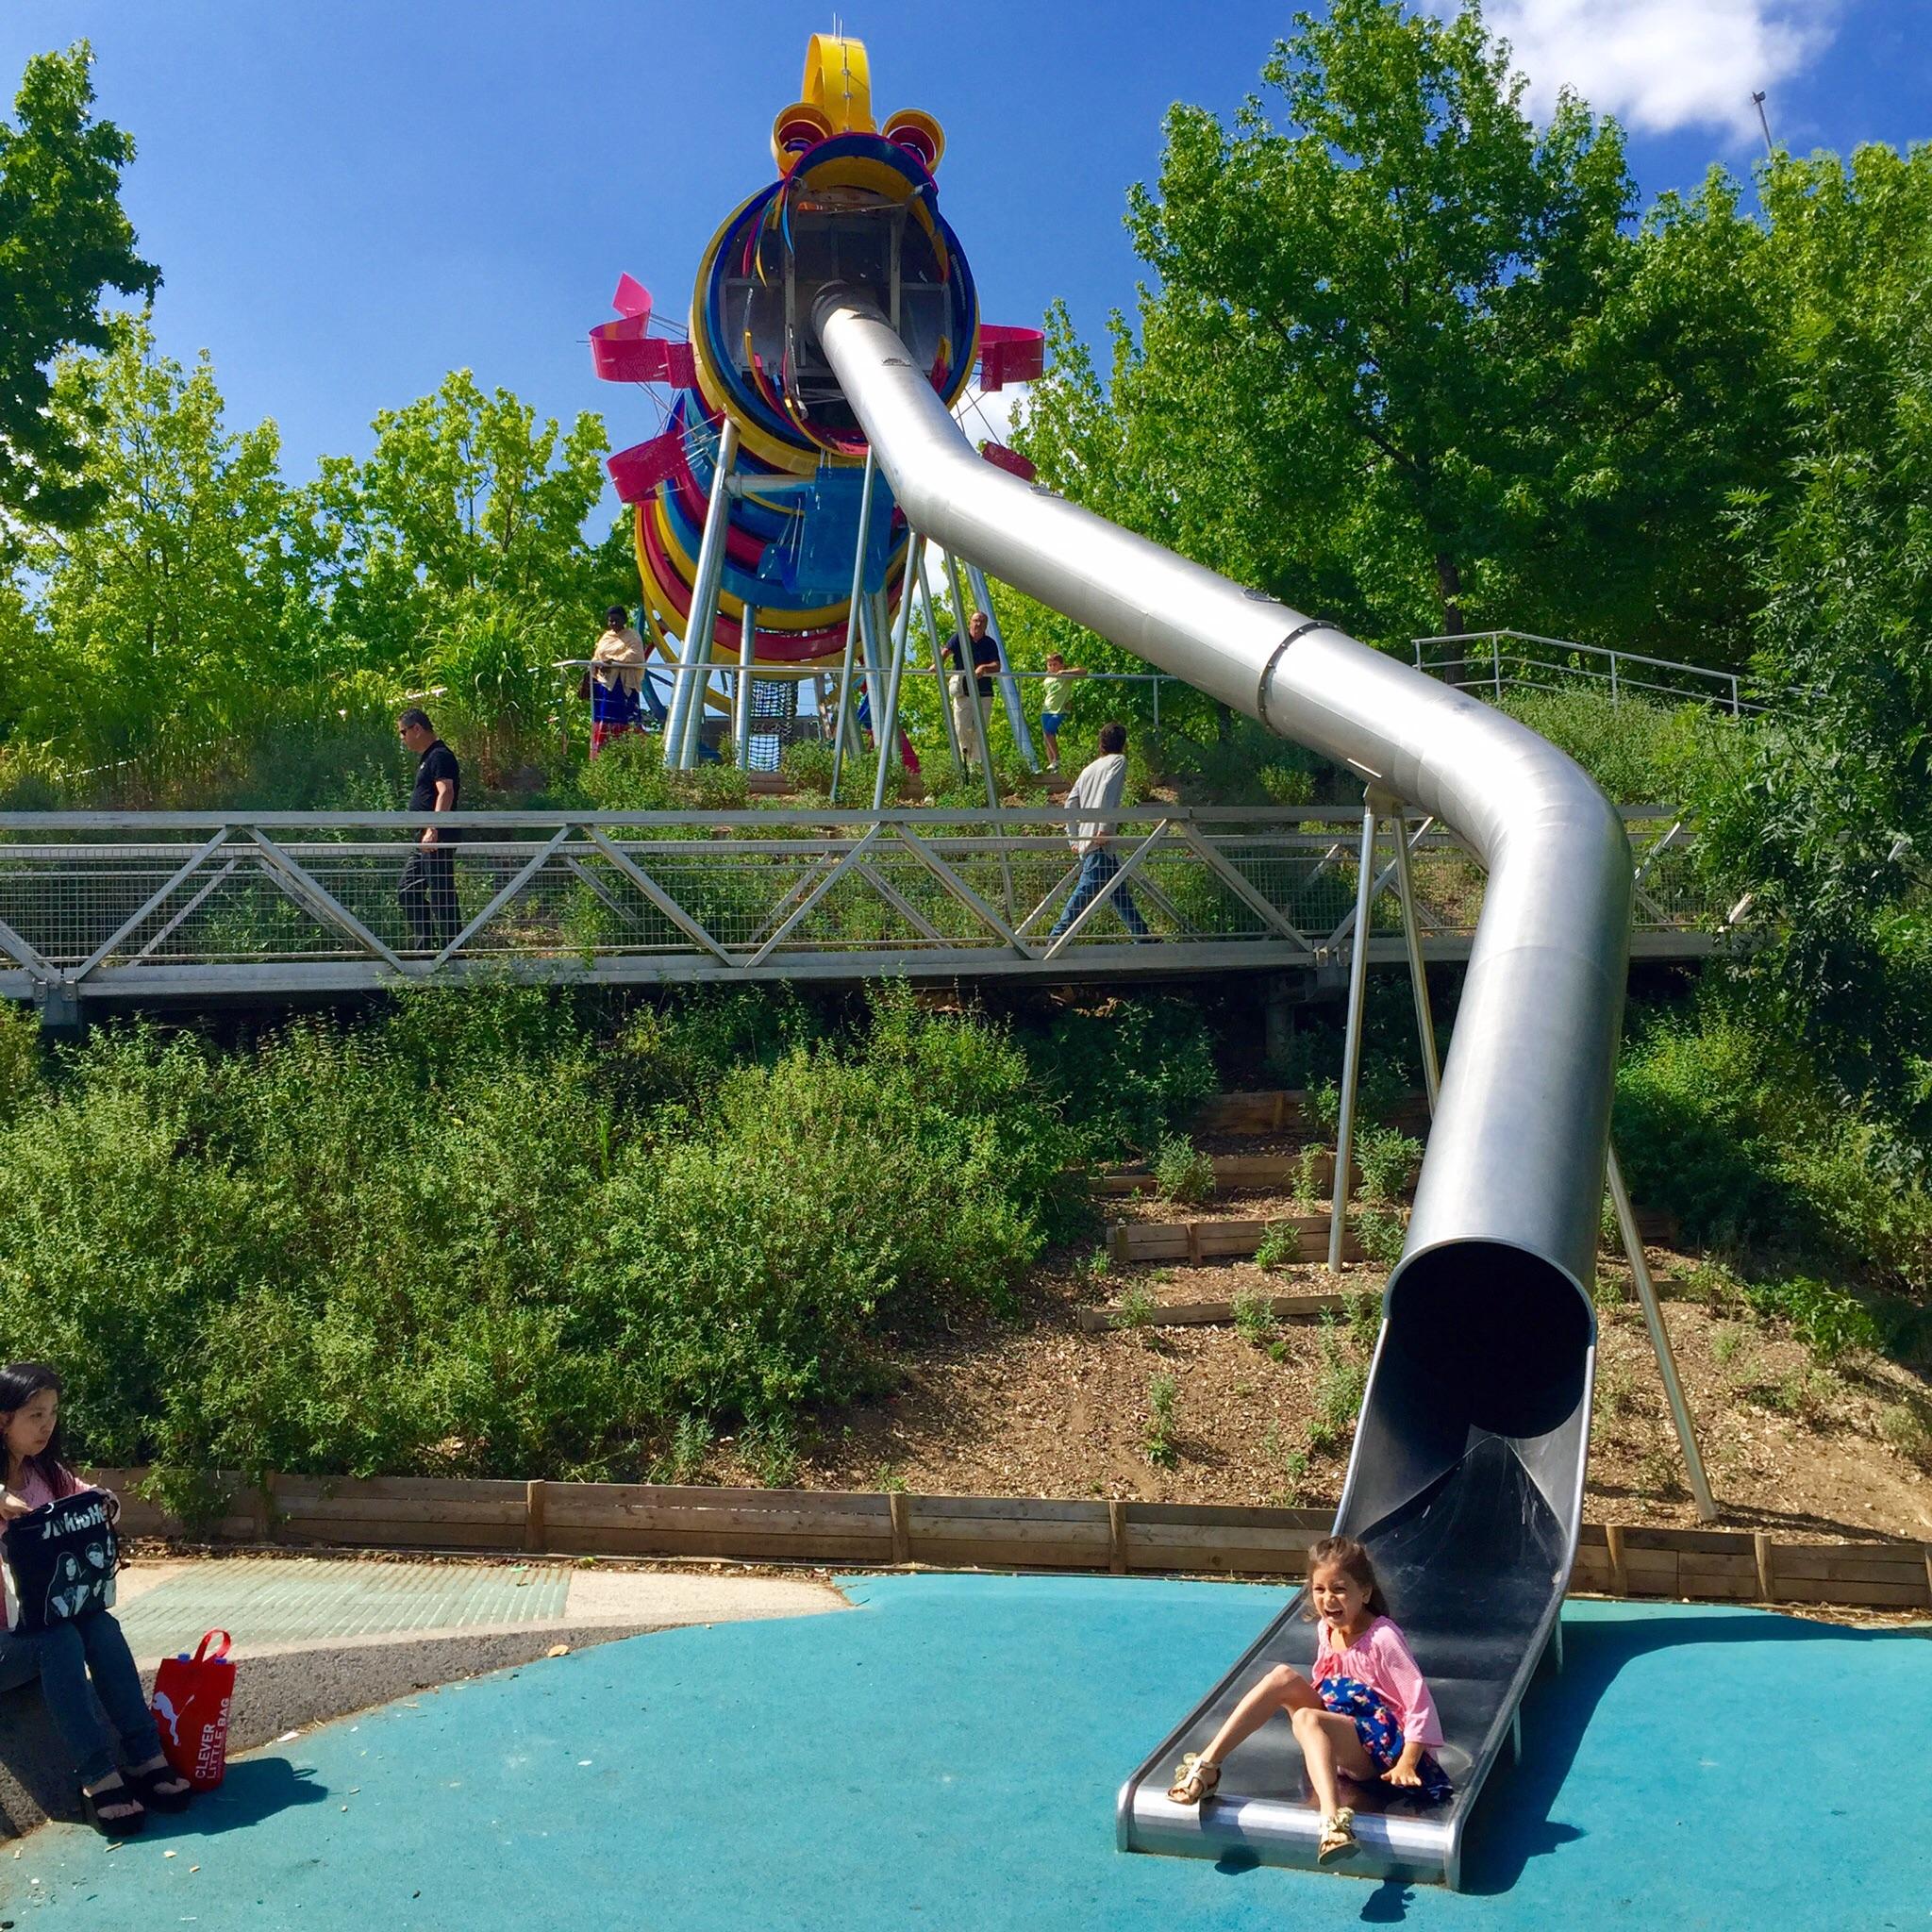 The dragon slide at Parc de la Villette